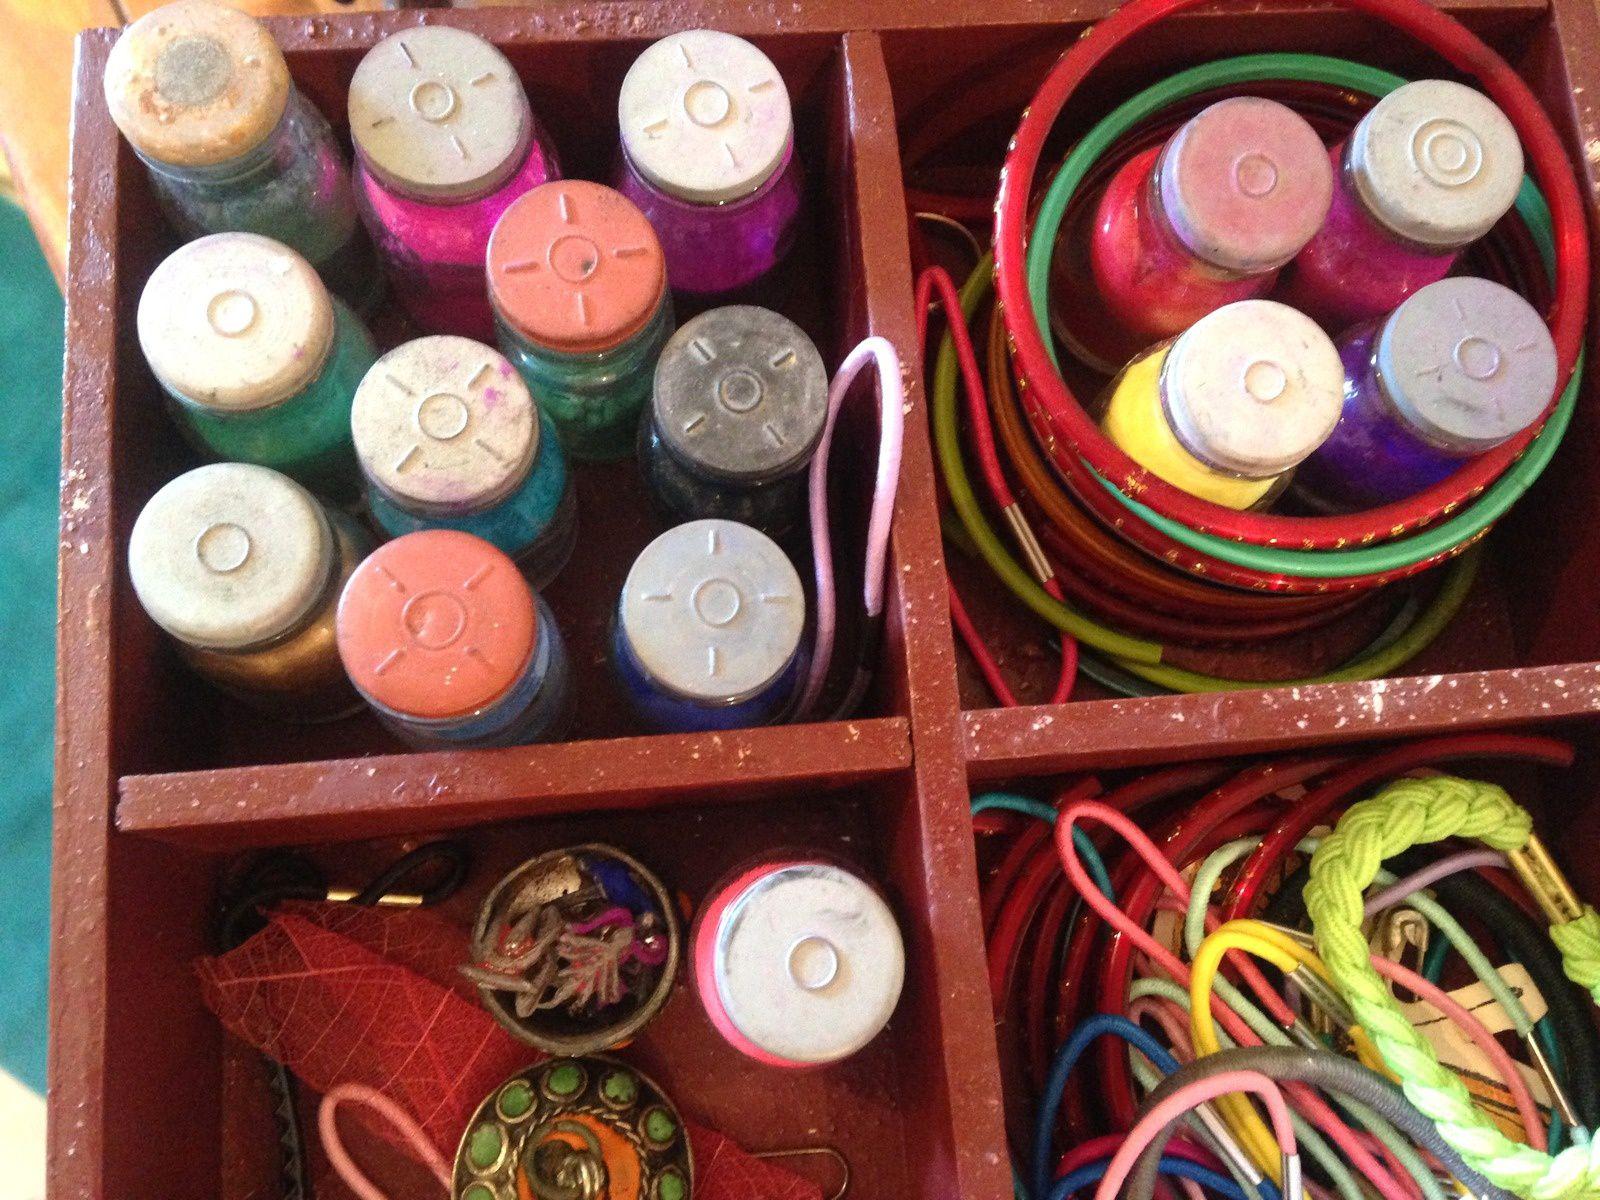 souvenirs d'inde tampons indiens - encre poudre - bracelets sur charlotteblabla blog*